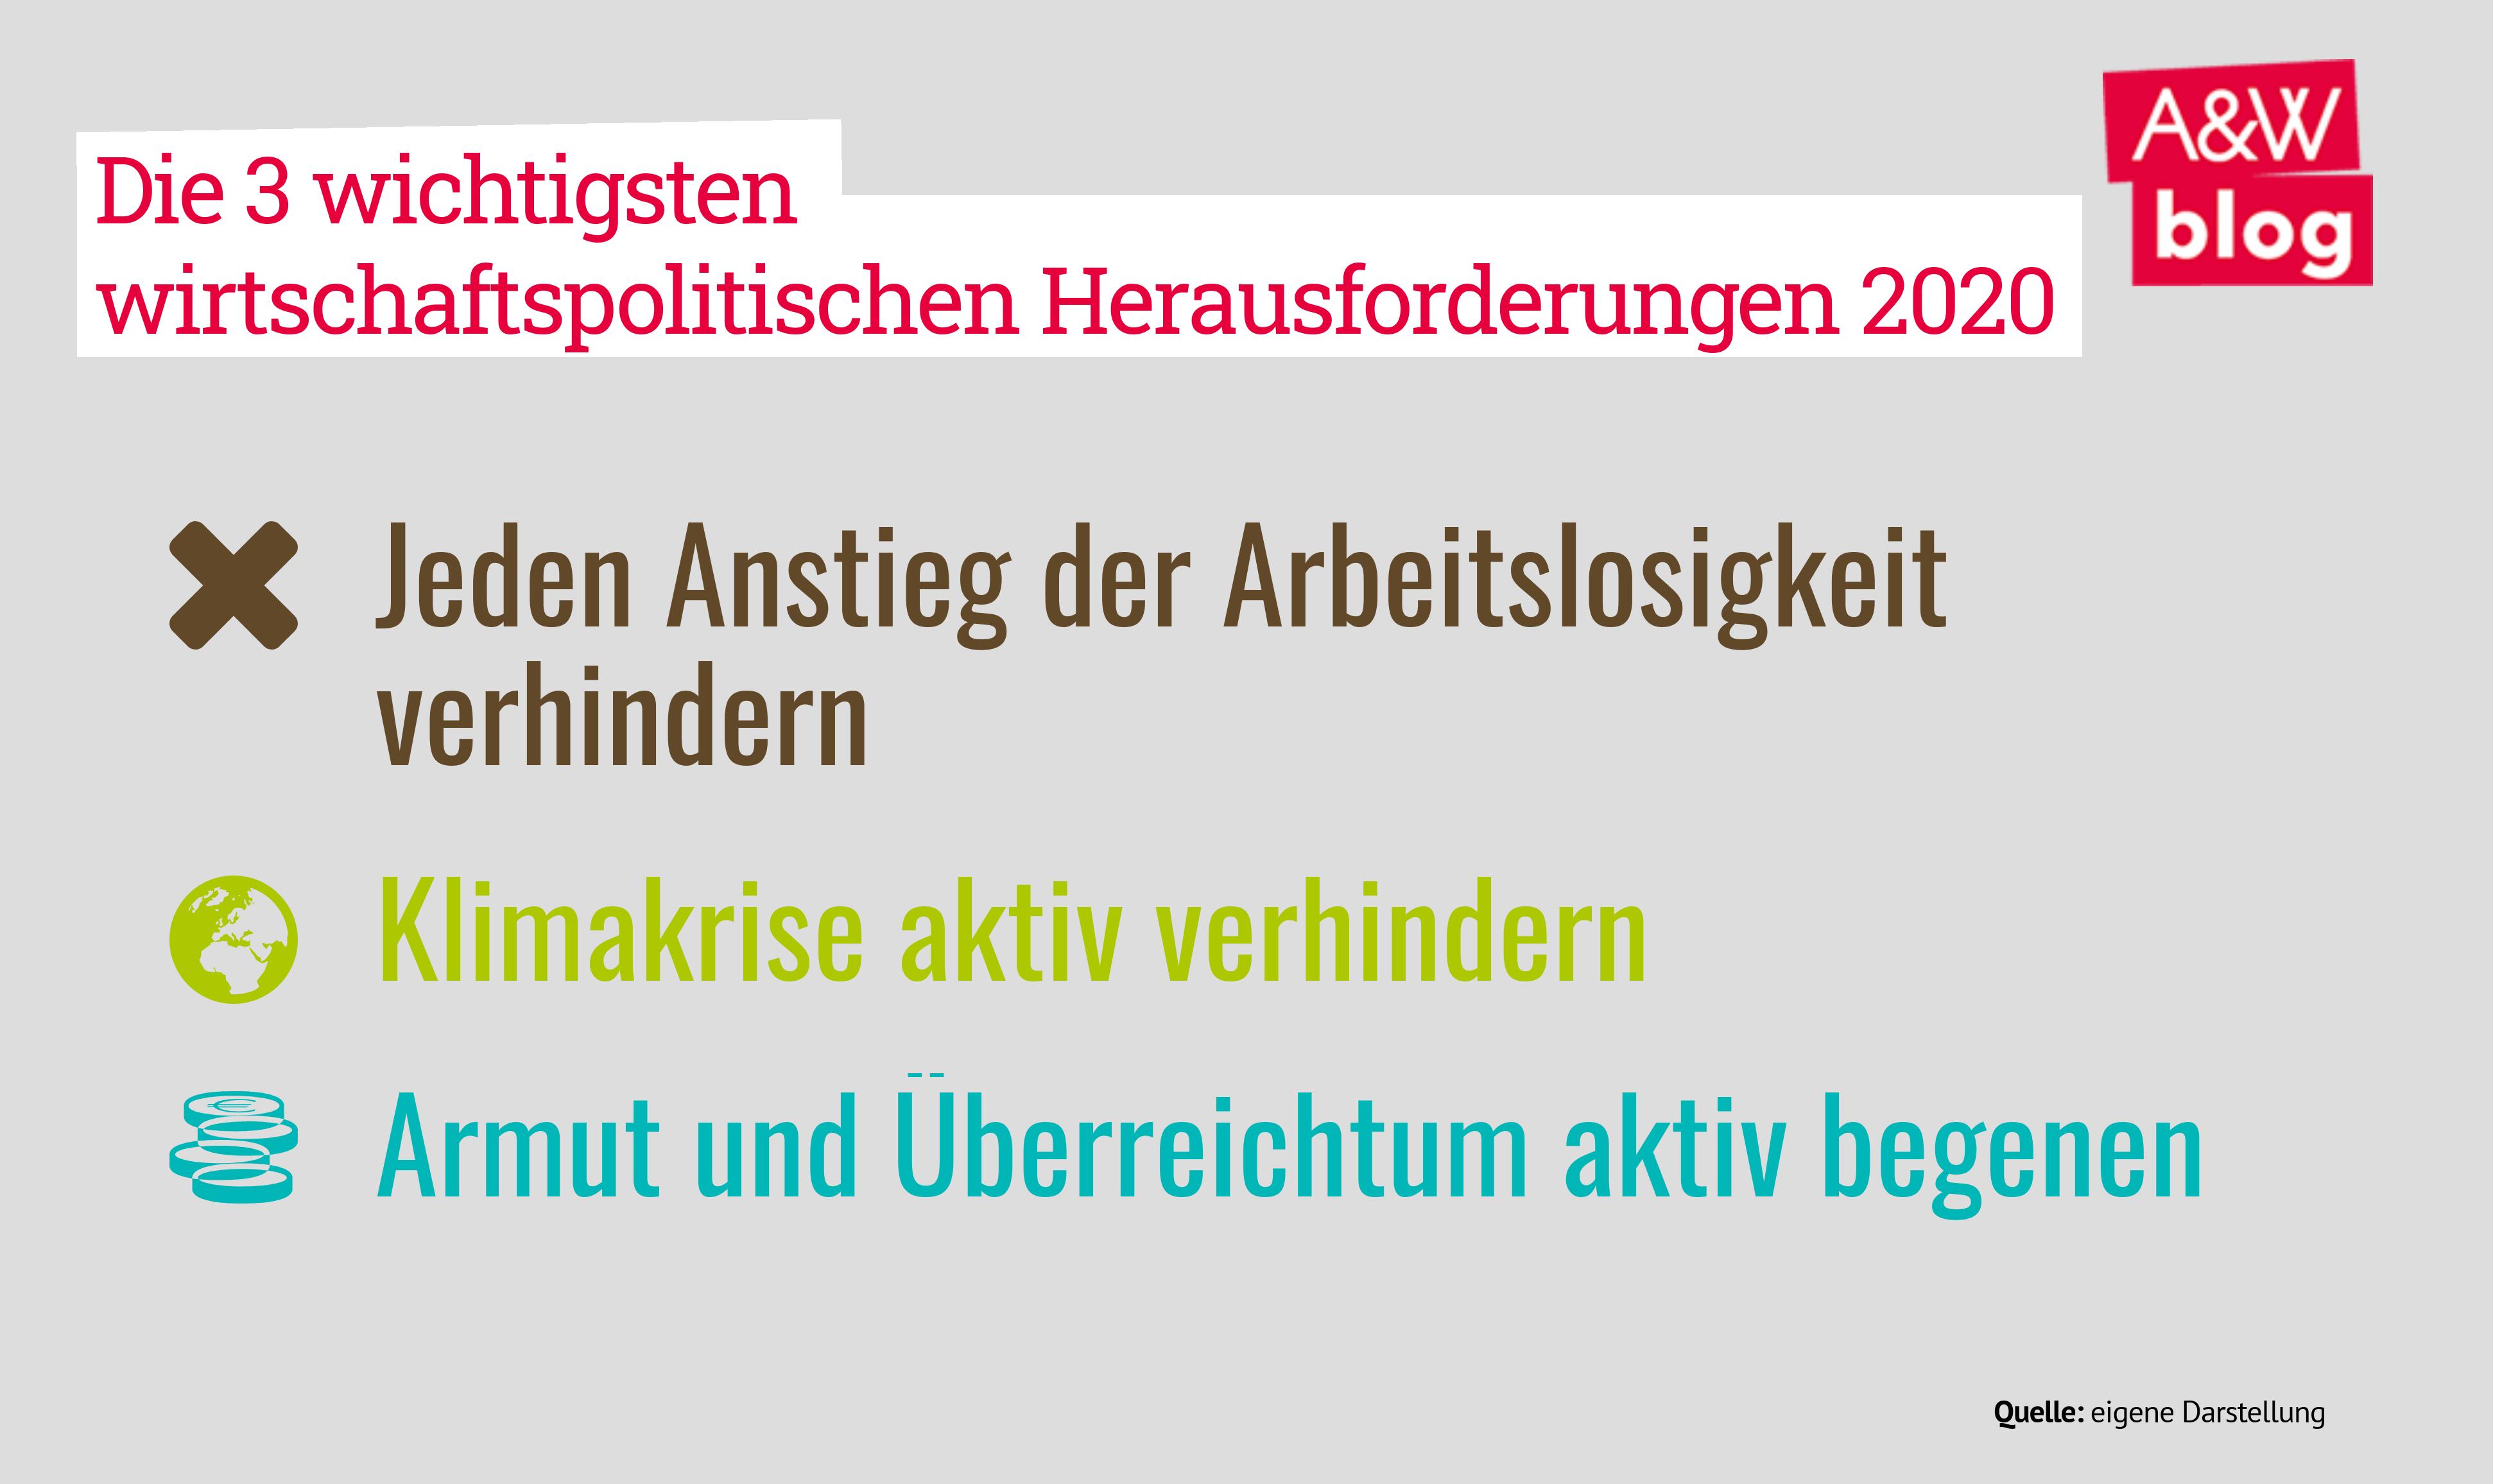 Wirtschaftspolitische Herausforderungen 2020